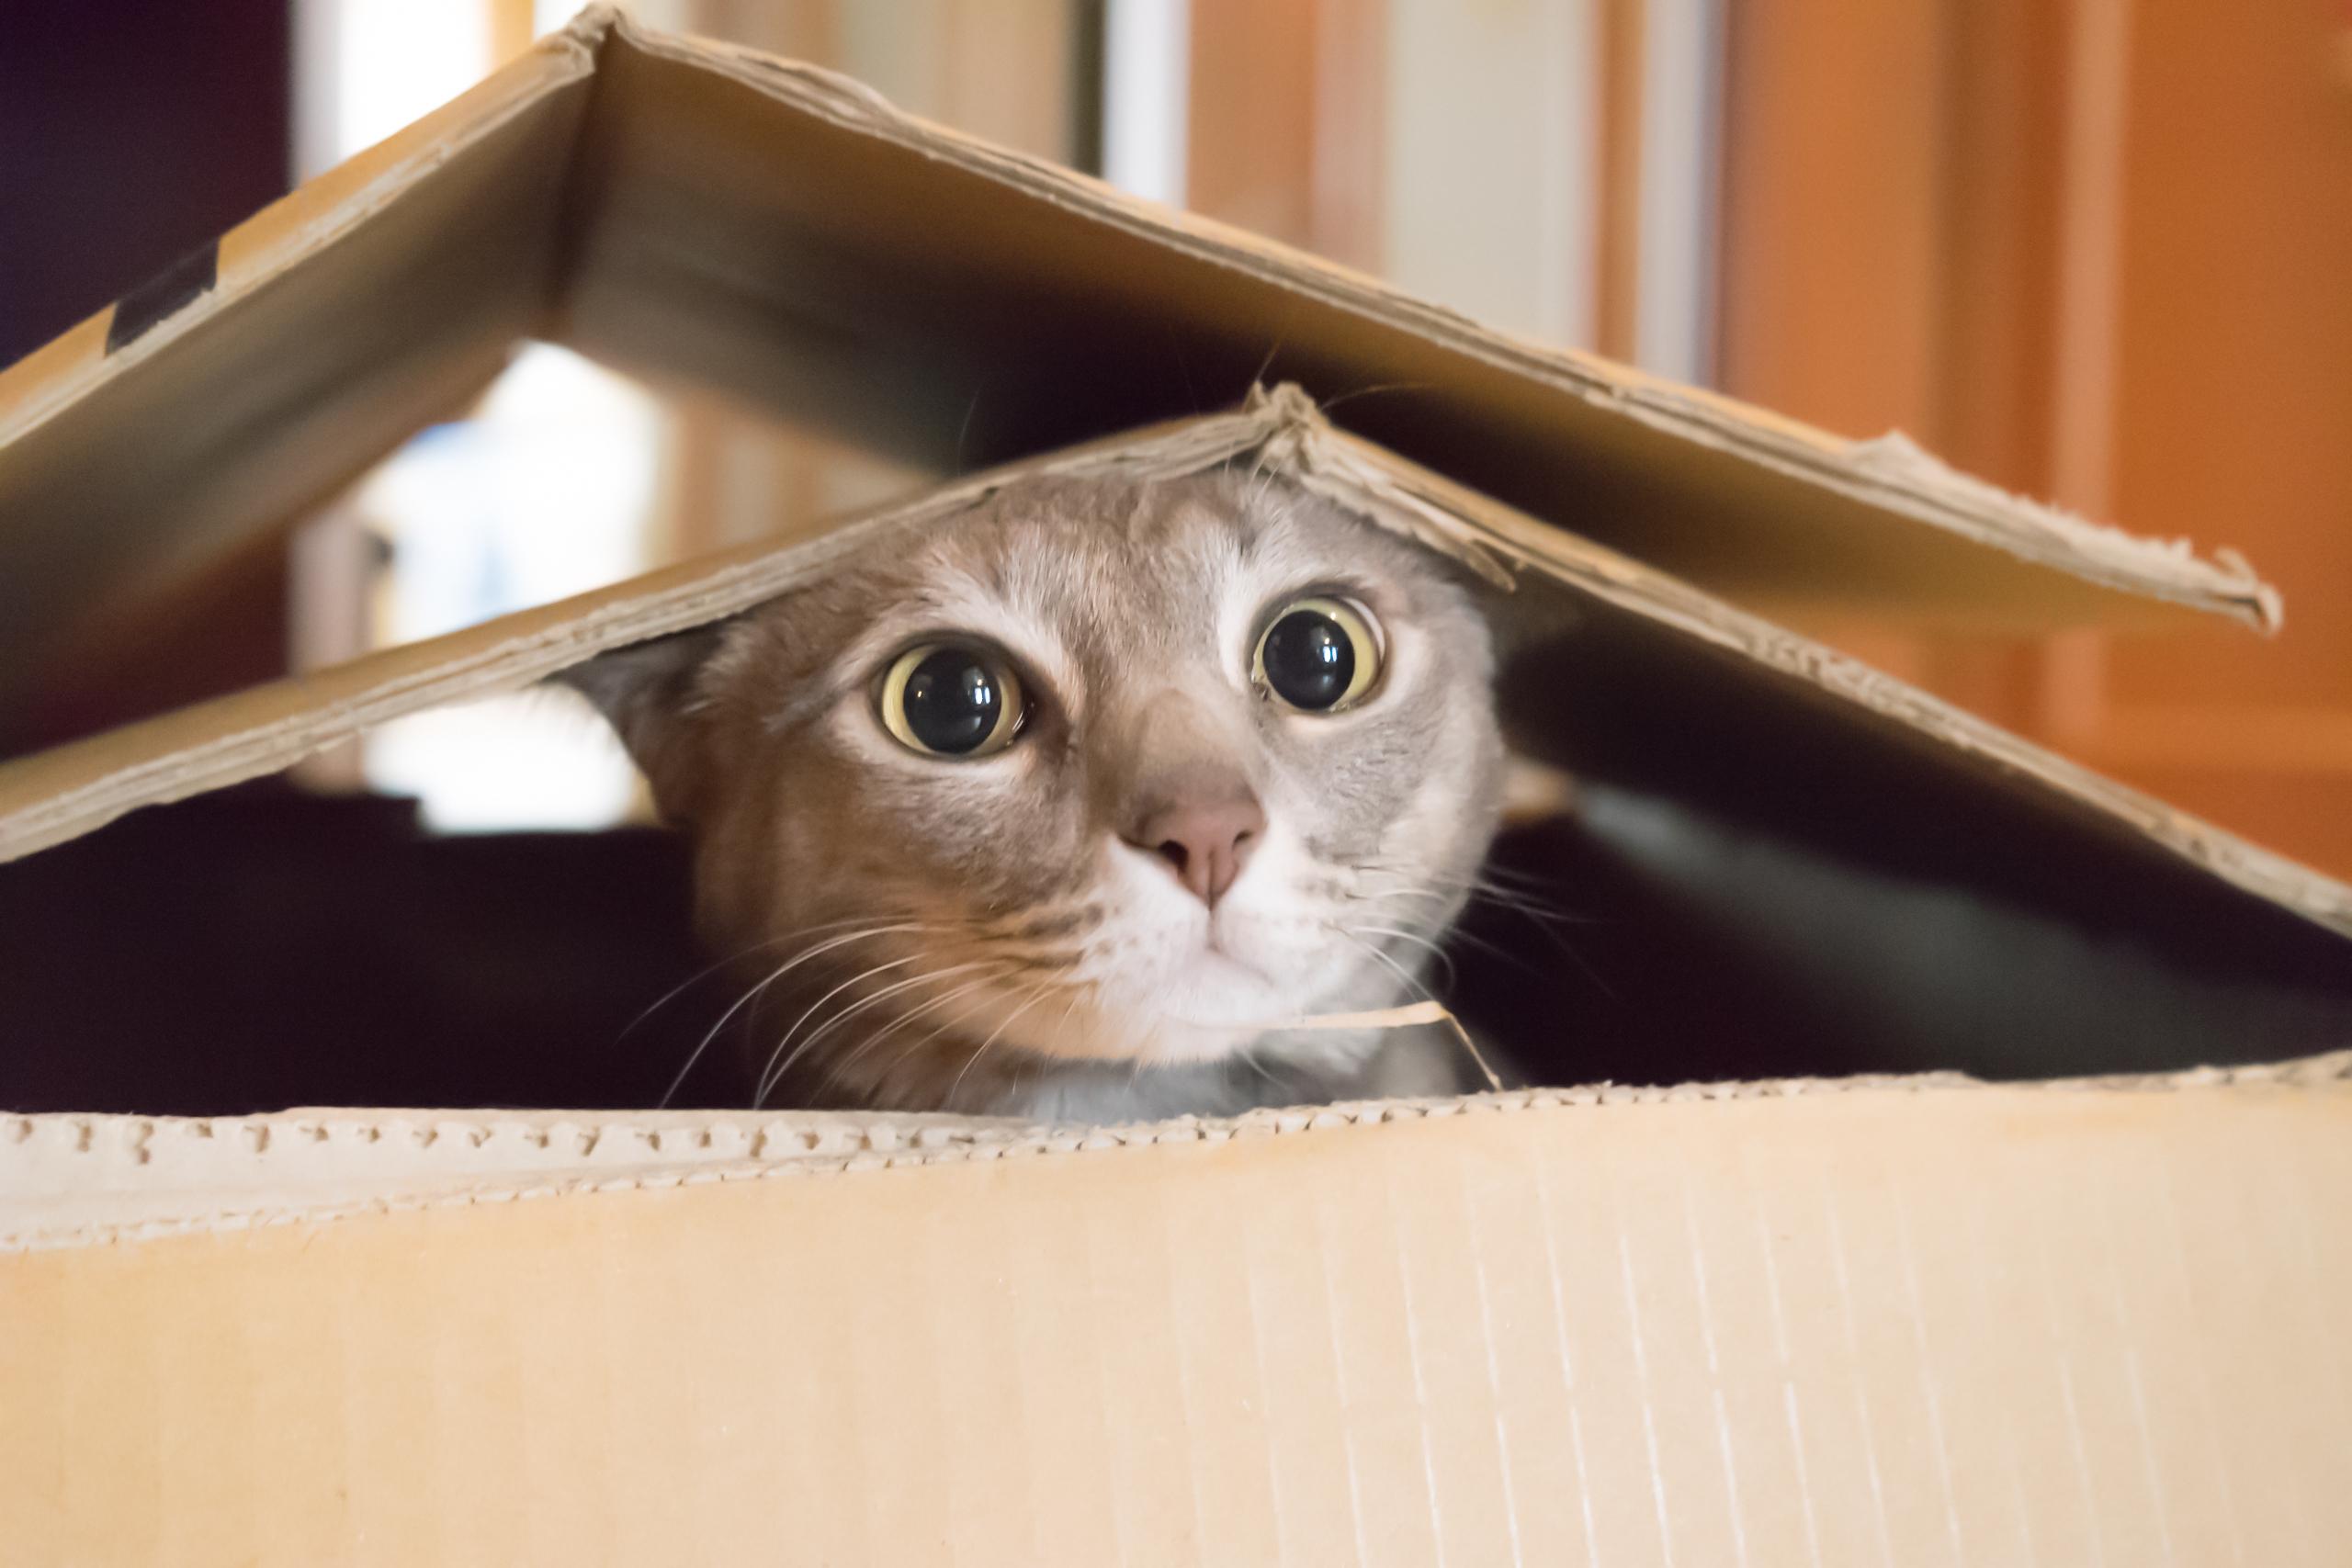 Nahrani me, češkaj, zabavi: Zašto vaša mačka mjauče?